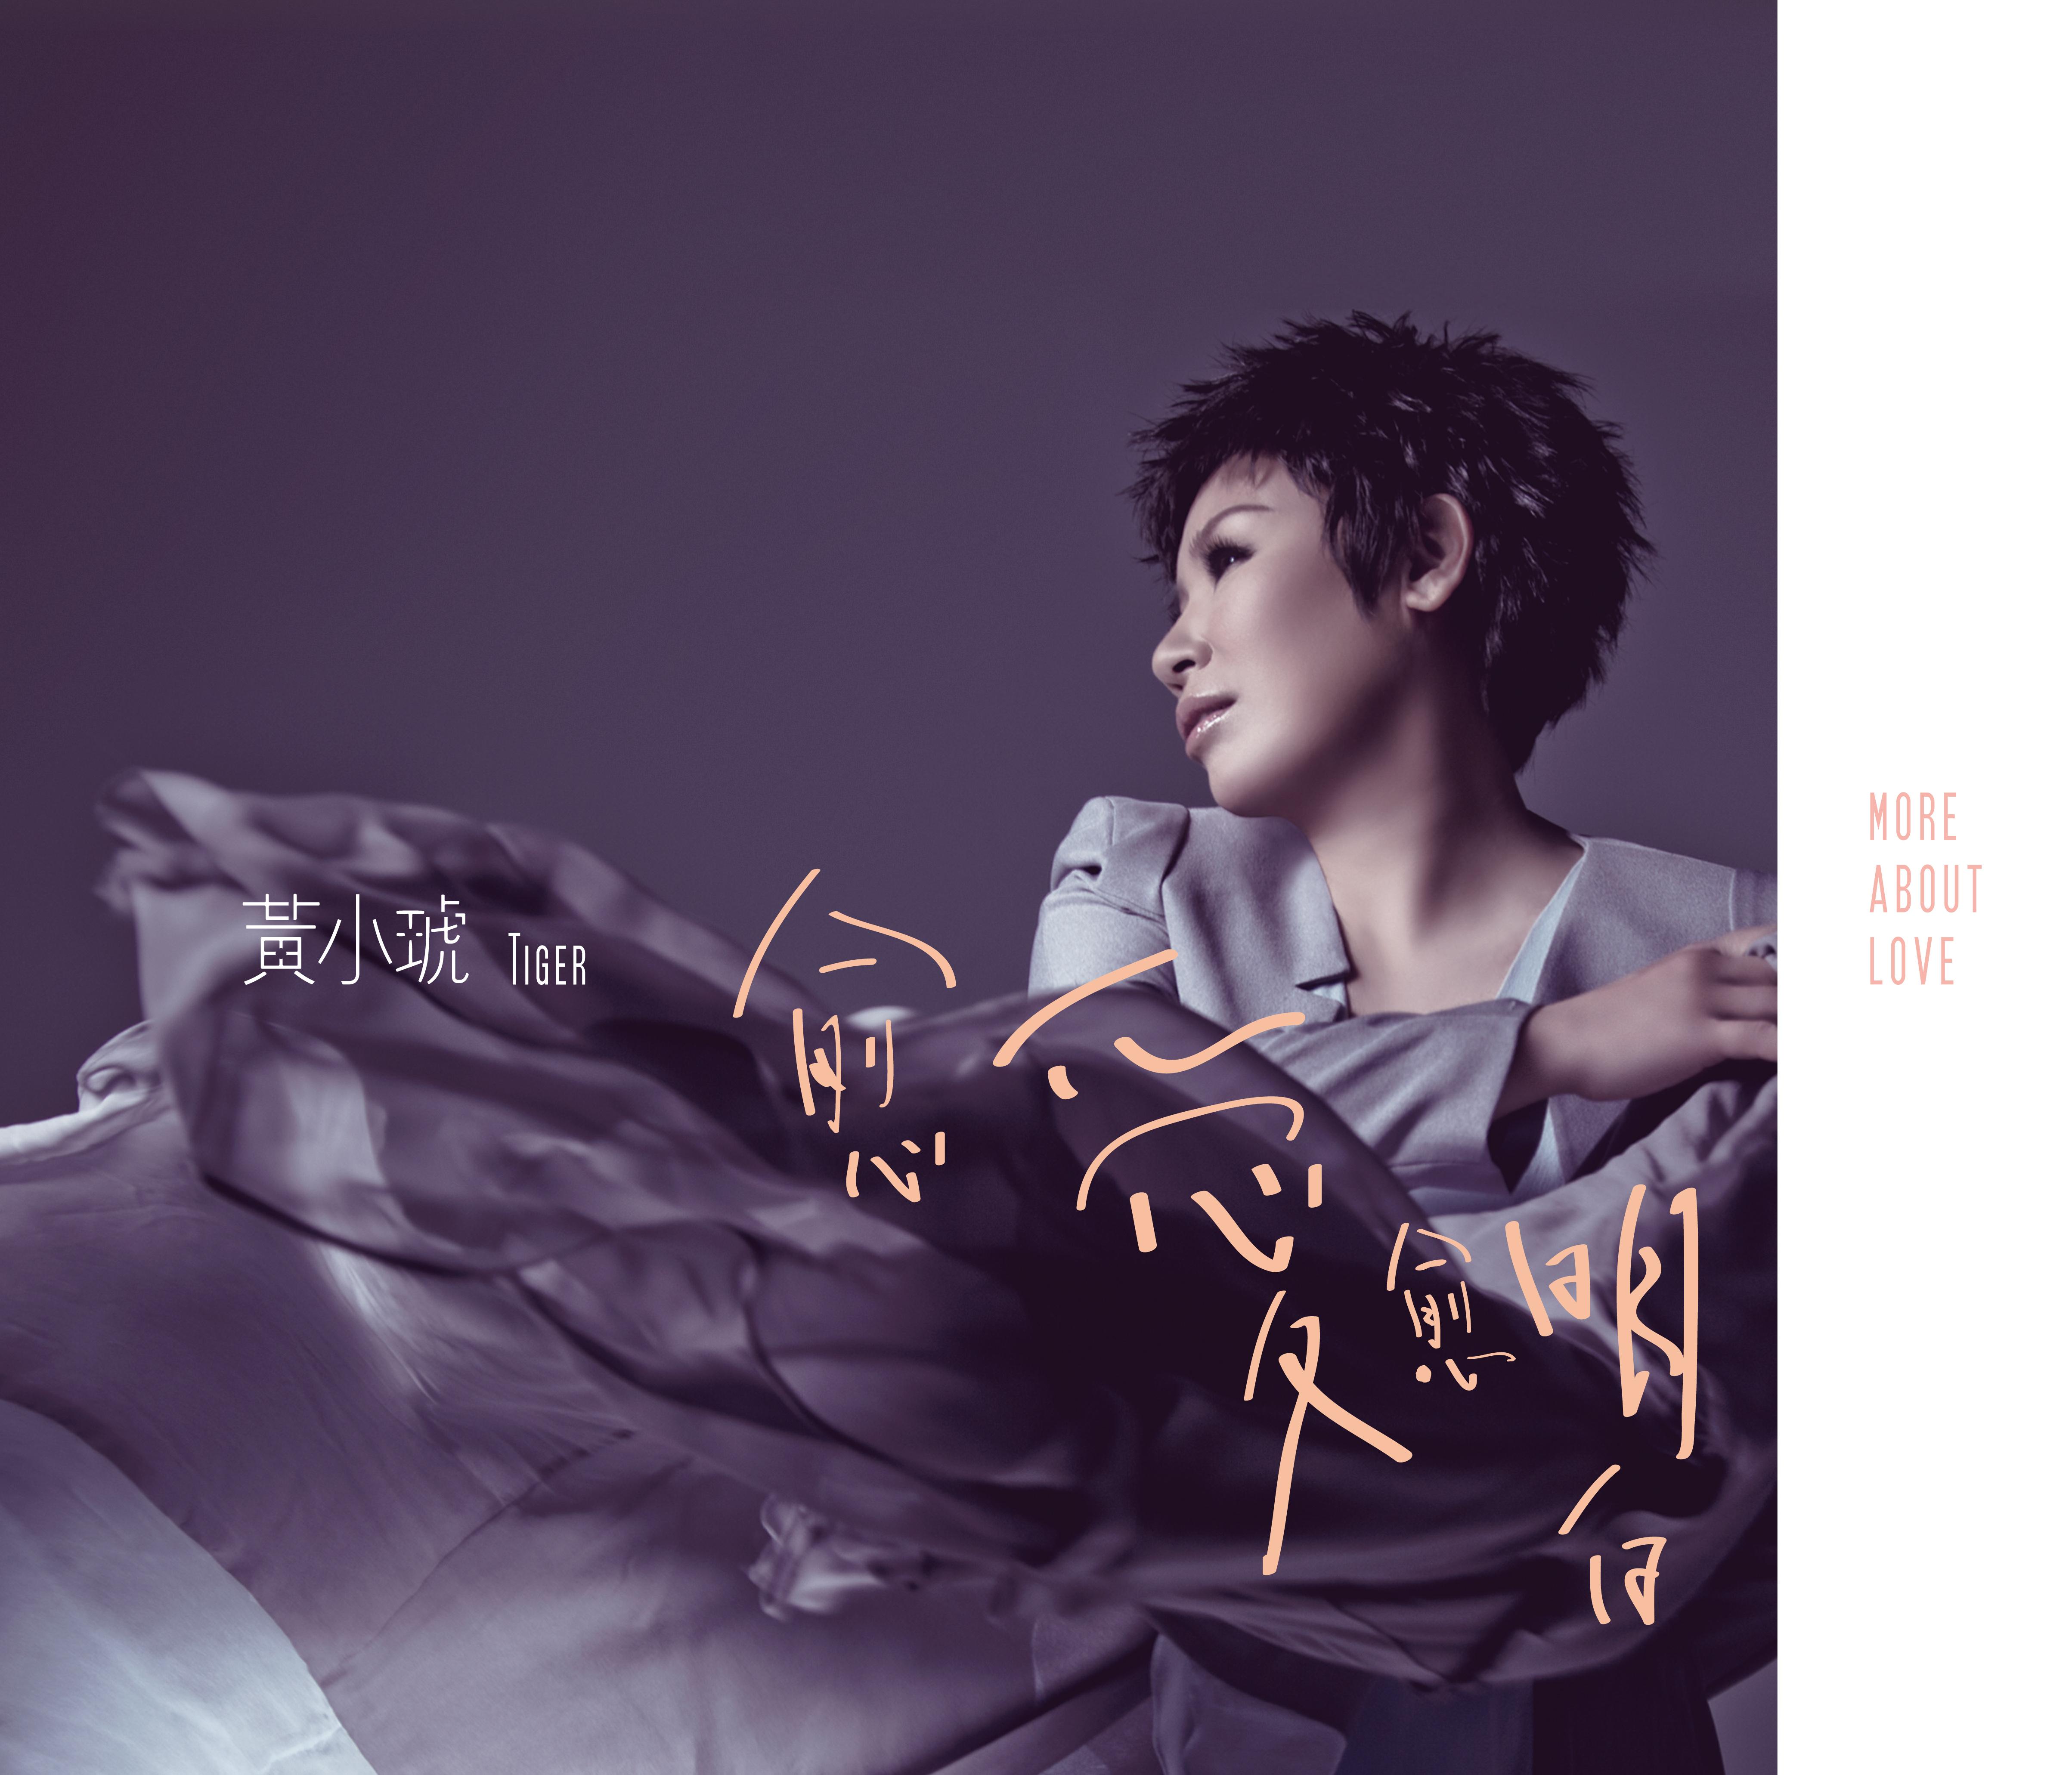 黃小琥  2012全新國語專輯  「愈愛愈明白」